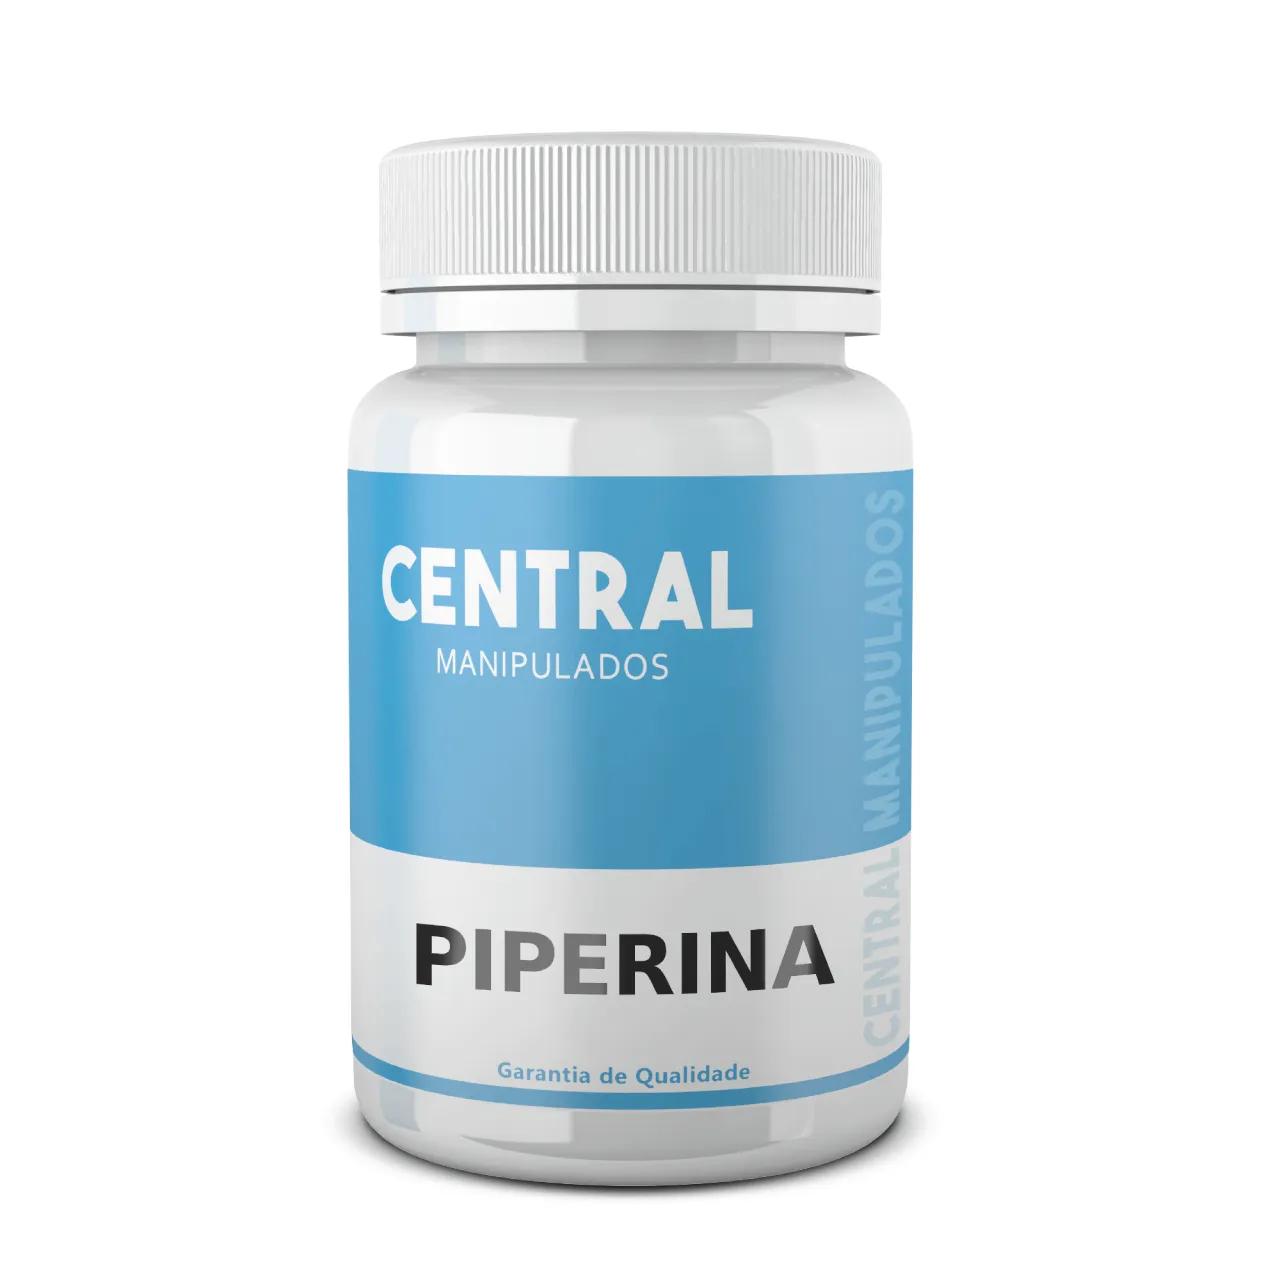 Piperina 15mg - 120 Cápsulas - Aumenta a Absorção de Vitaminas e Nutrientes, Melhora a Digestão